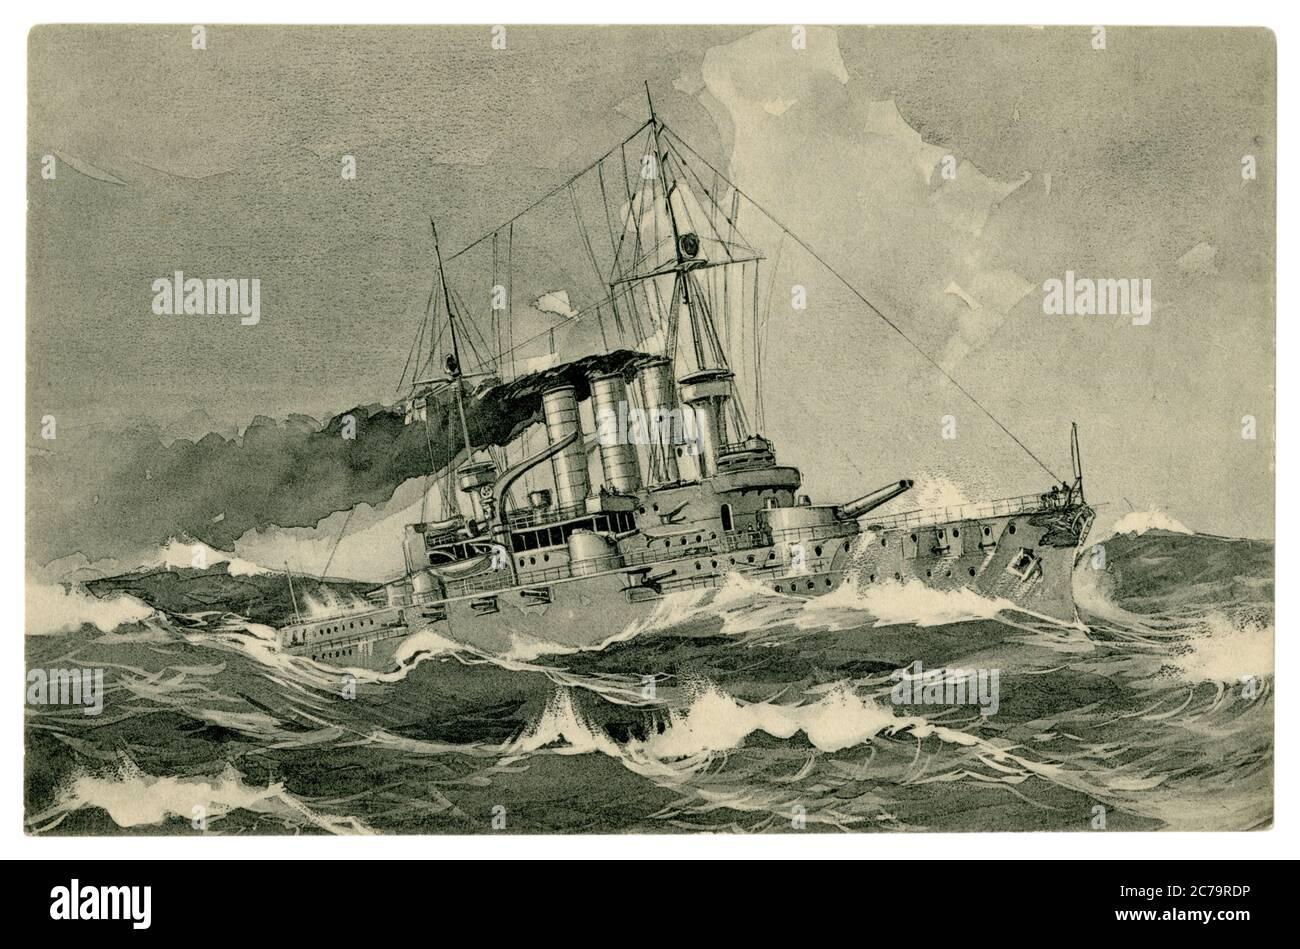 Carte postale historique allemande: Navire de guerre de la Marine impériale allemande (kaisermarine) est à pleine vitesse puffant la fumée noire dans une mer orageux, Allemagne, 1900 Banque D'Images